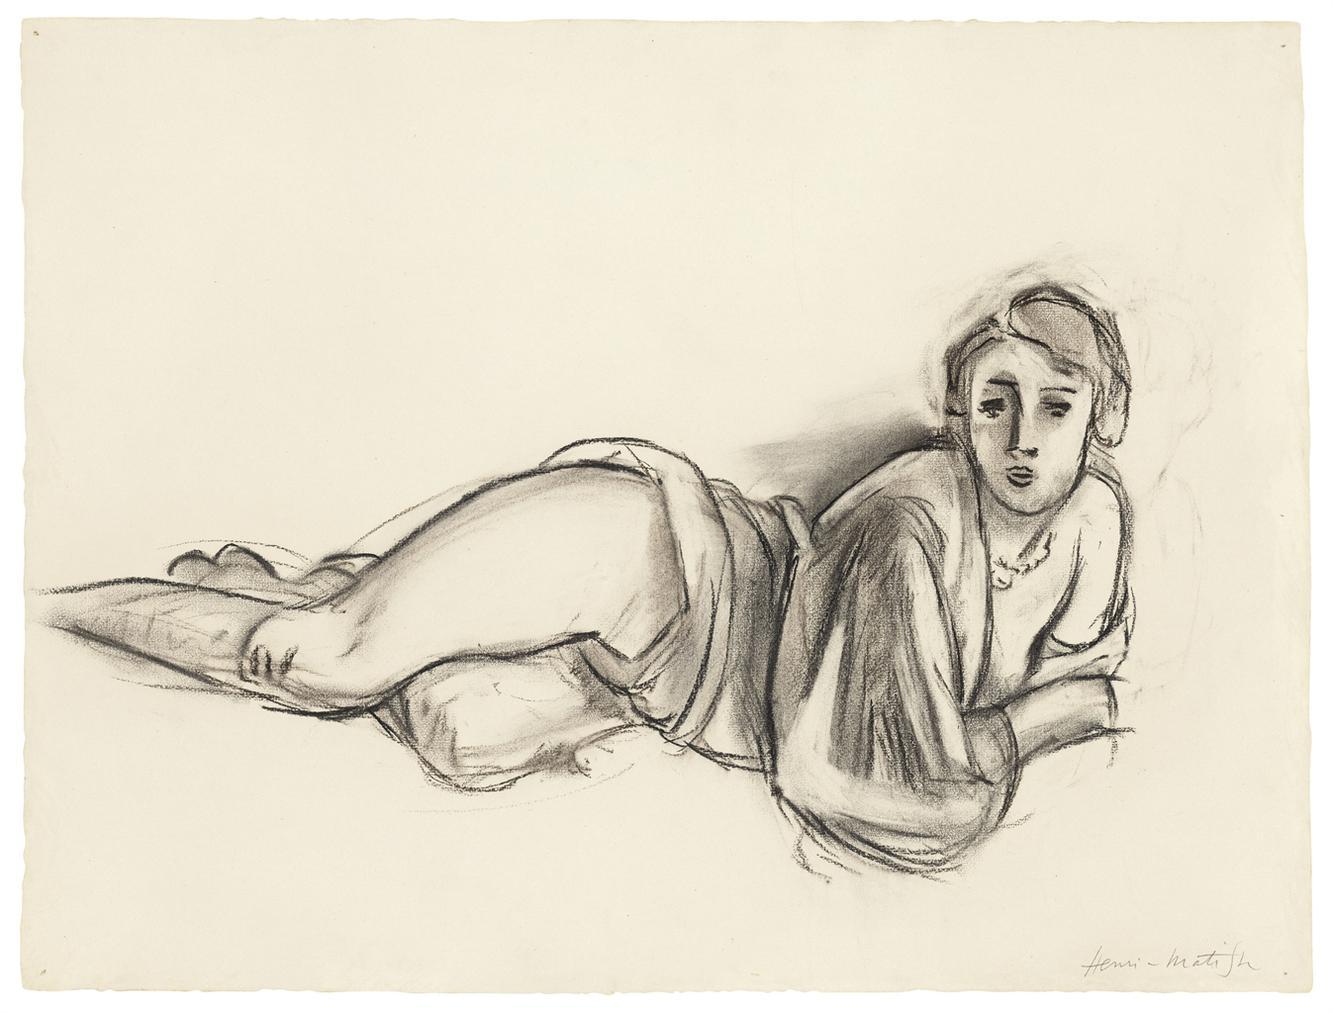 Henri Matisse-Femme Nue Couchee-1924